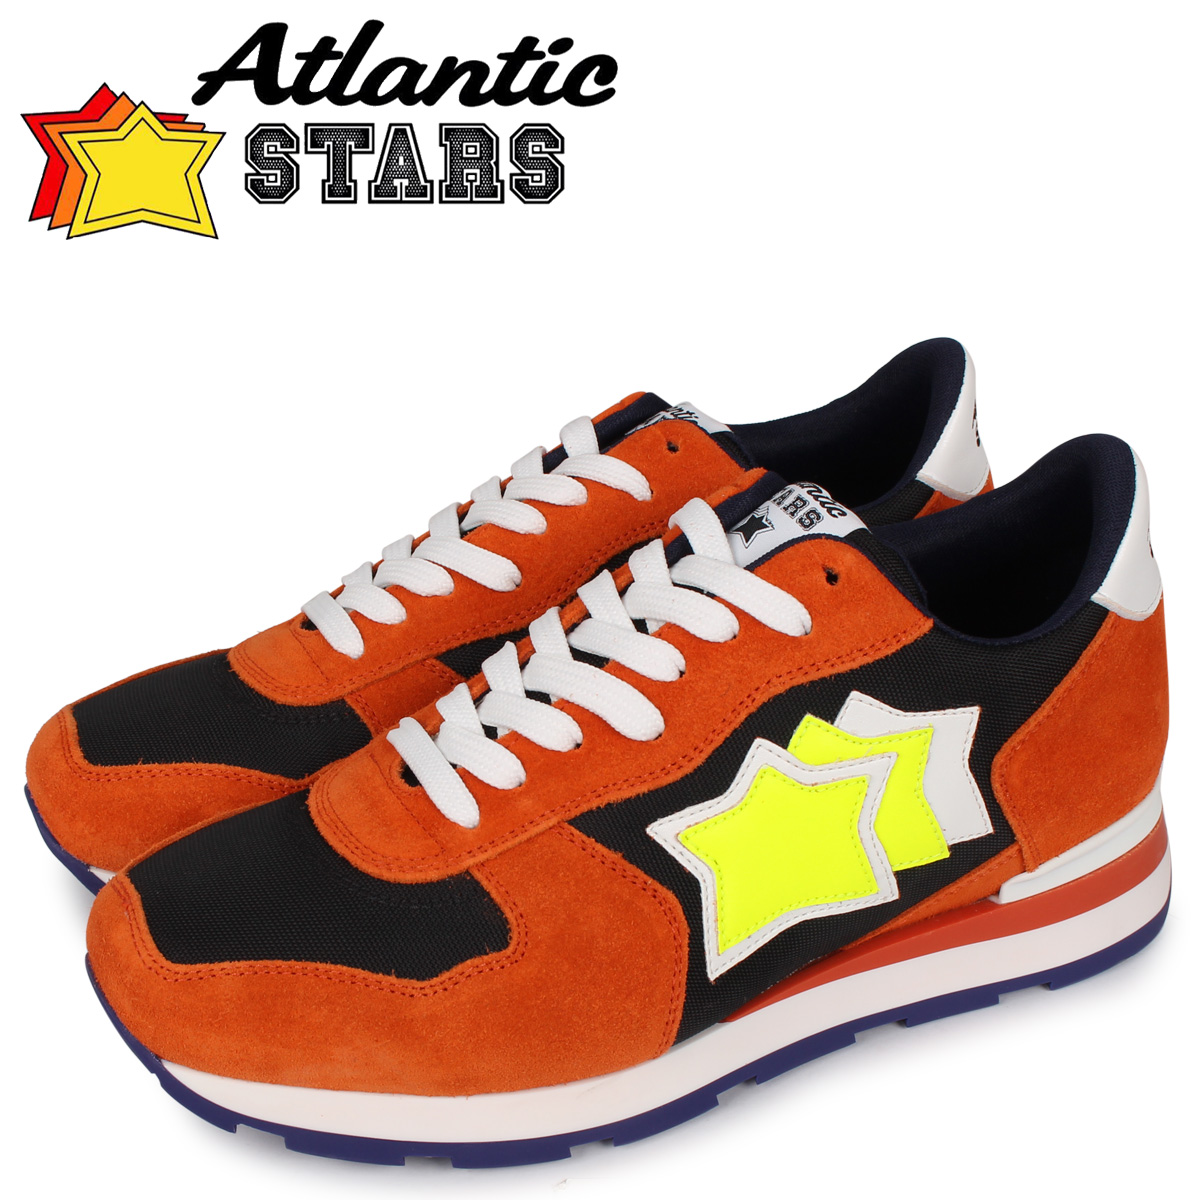 Atlantic STARS アトランティックスターズ アンタレス スニーカー メンズ ANTARES オレンジ ONN-16B [4/7 新入荷]